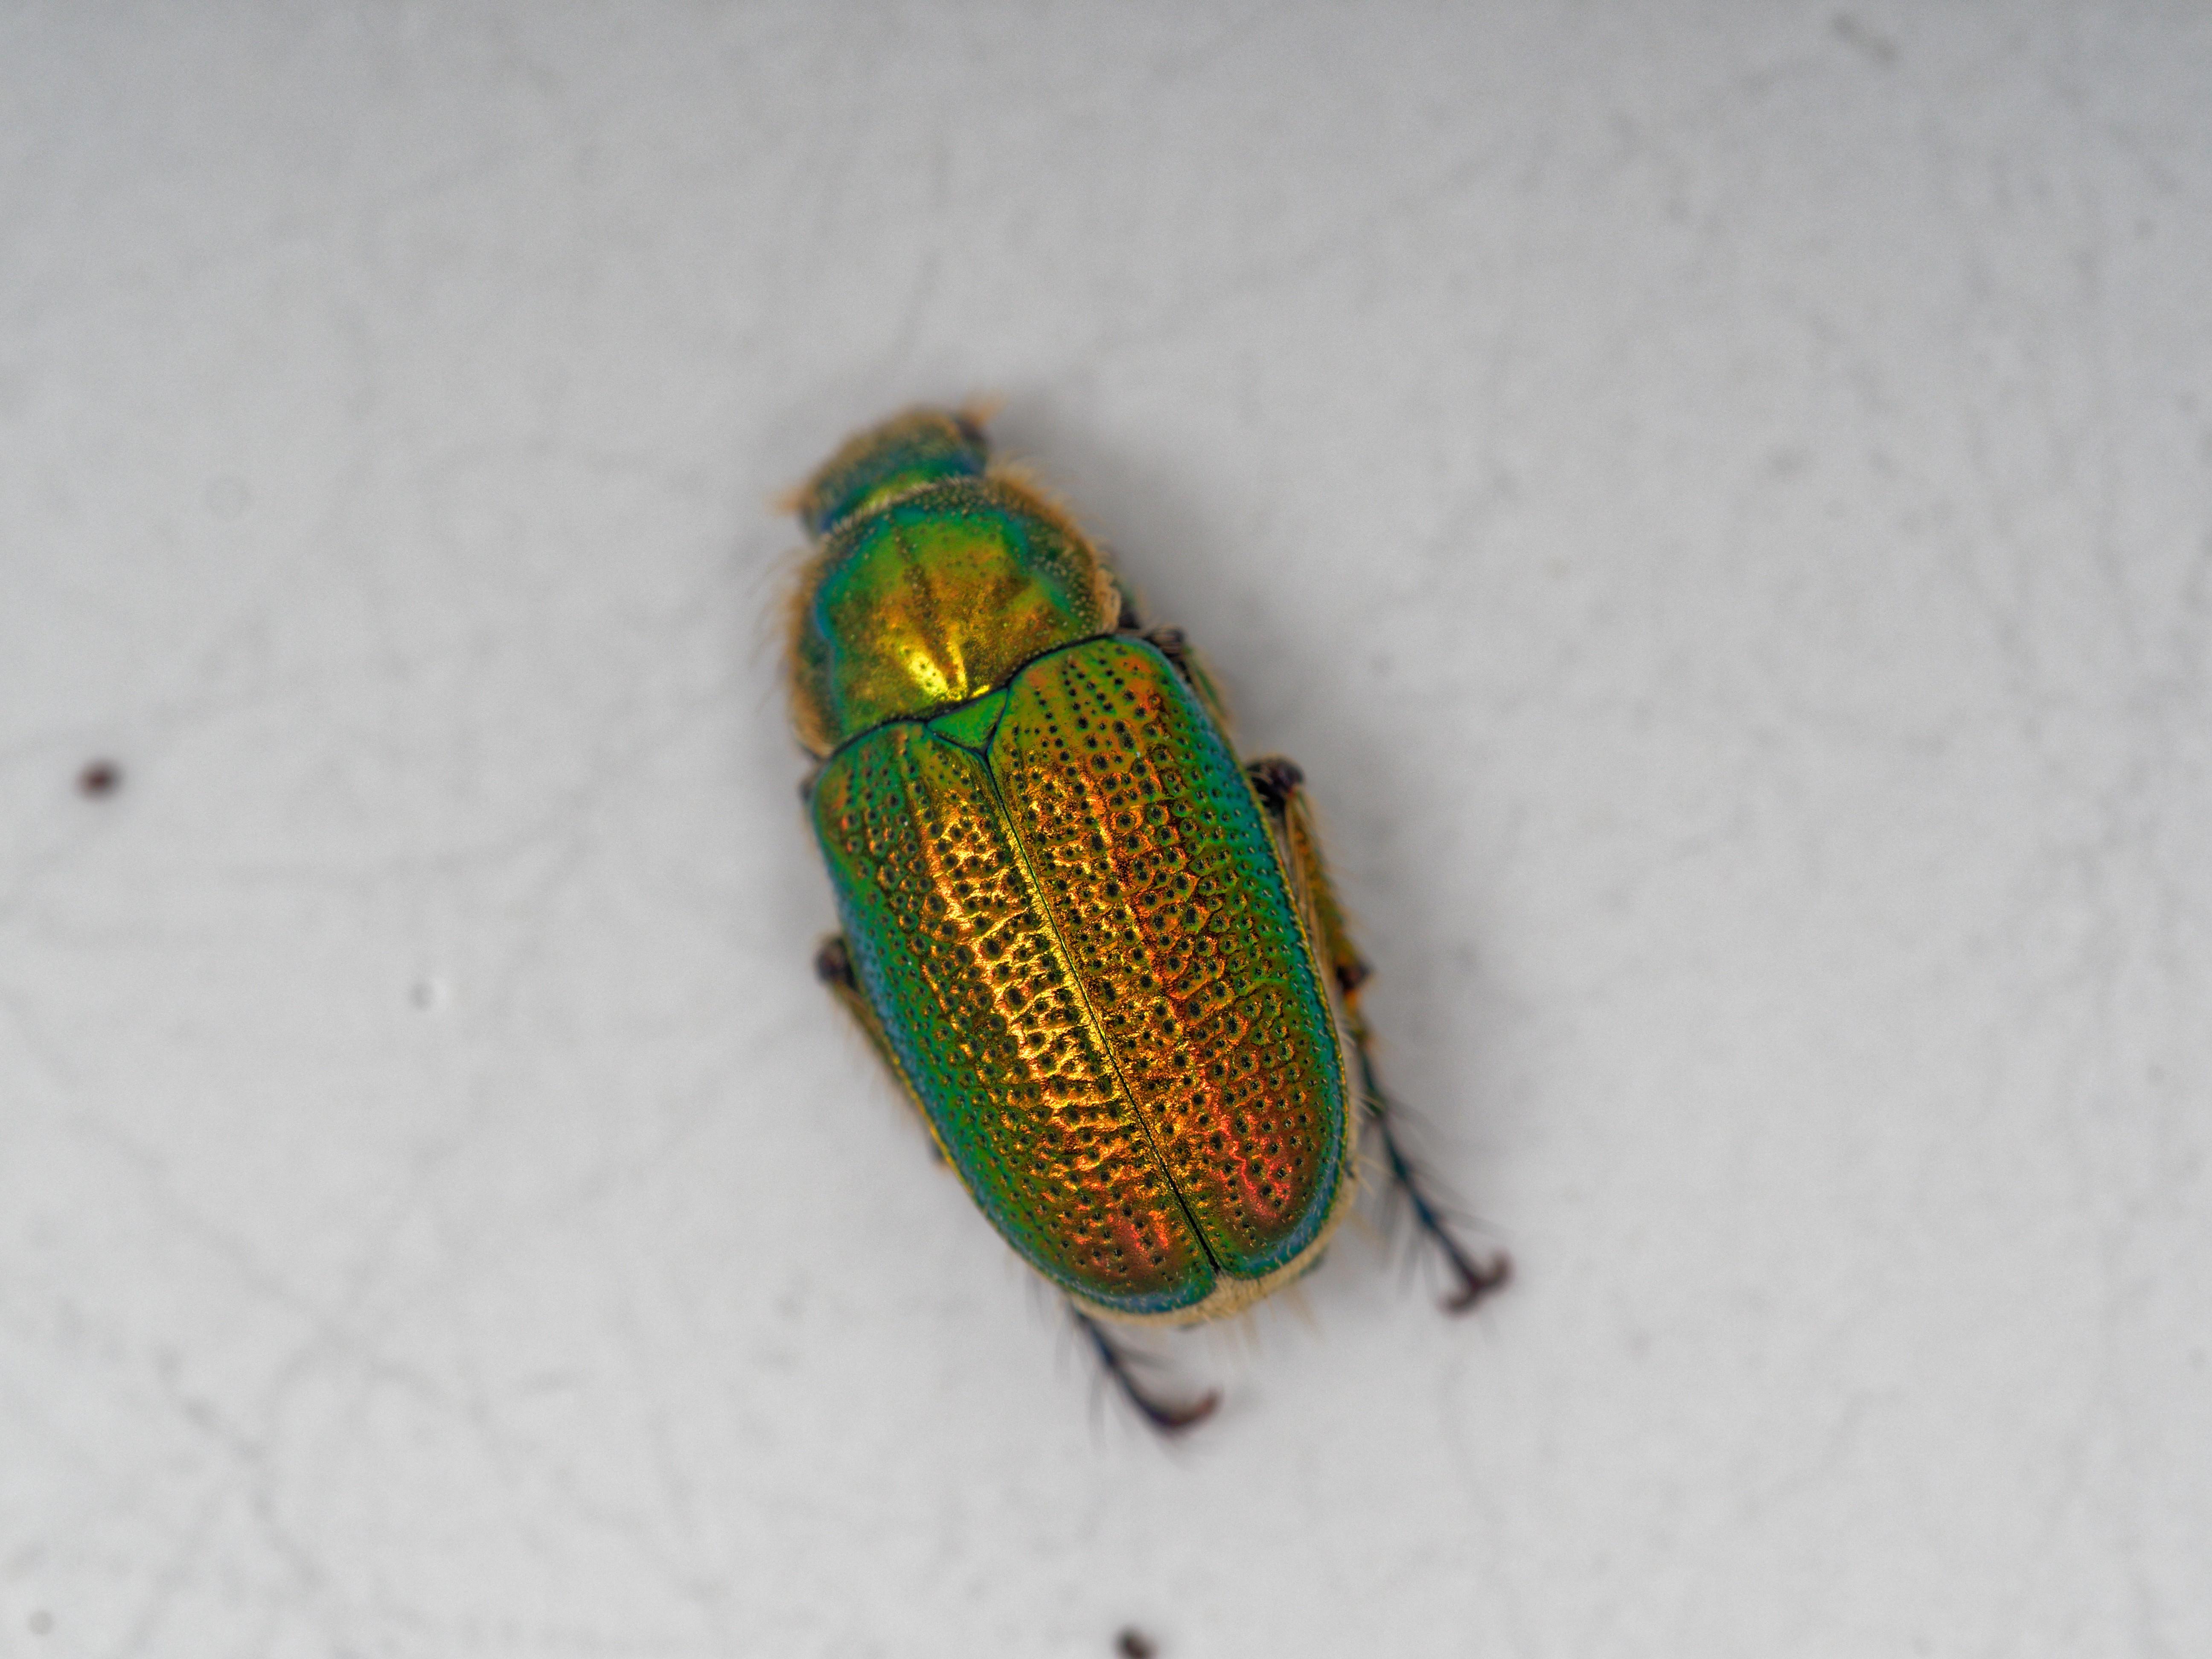 Christmas-beetle-1.jpeg